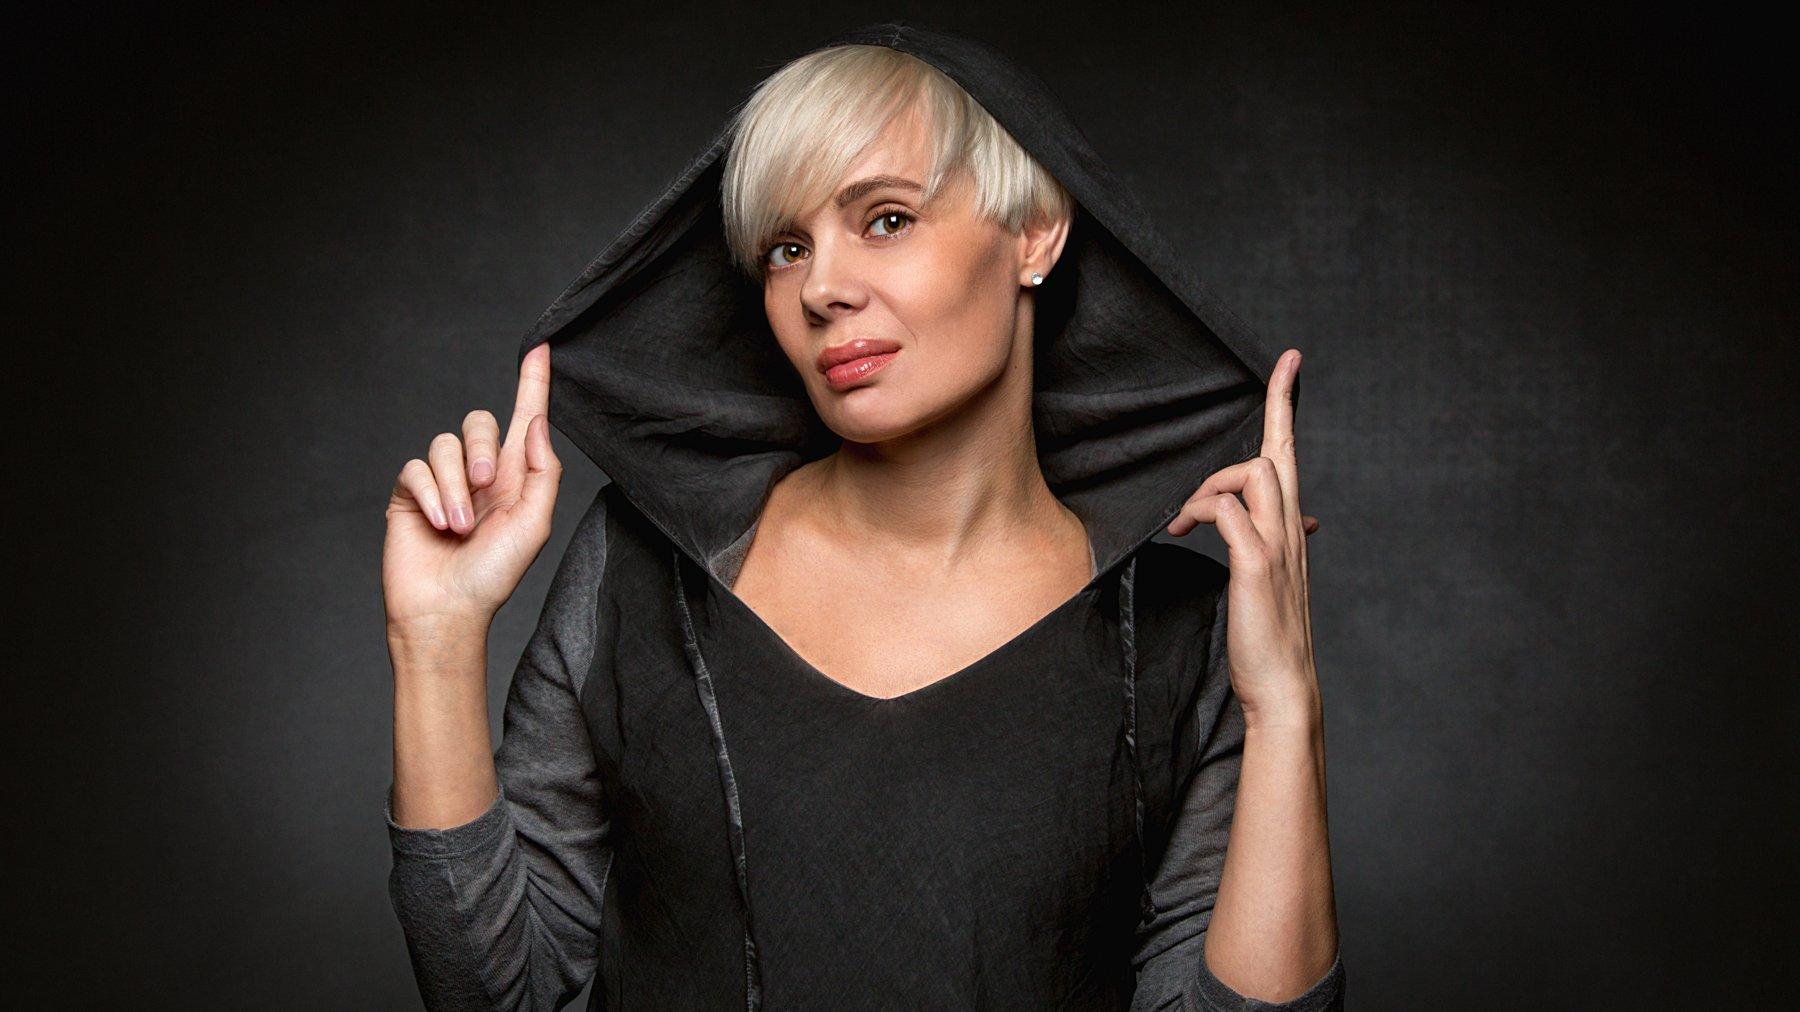 студийный портрет, черный, фон, студия, фотостудия, девушка, модель, Сухарь Александр